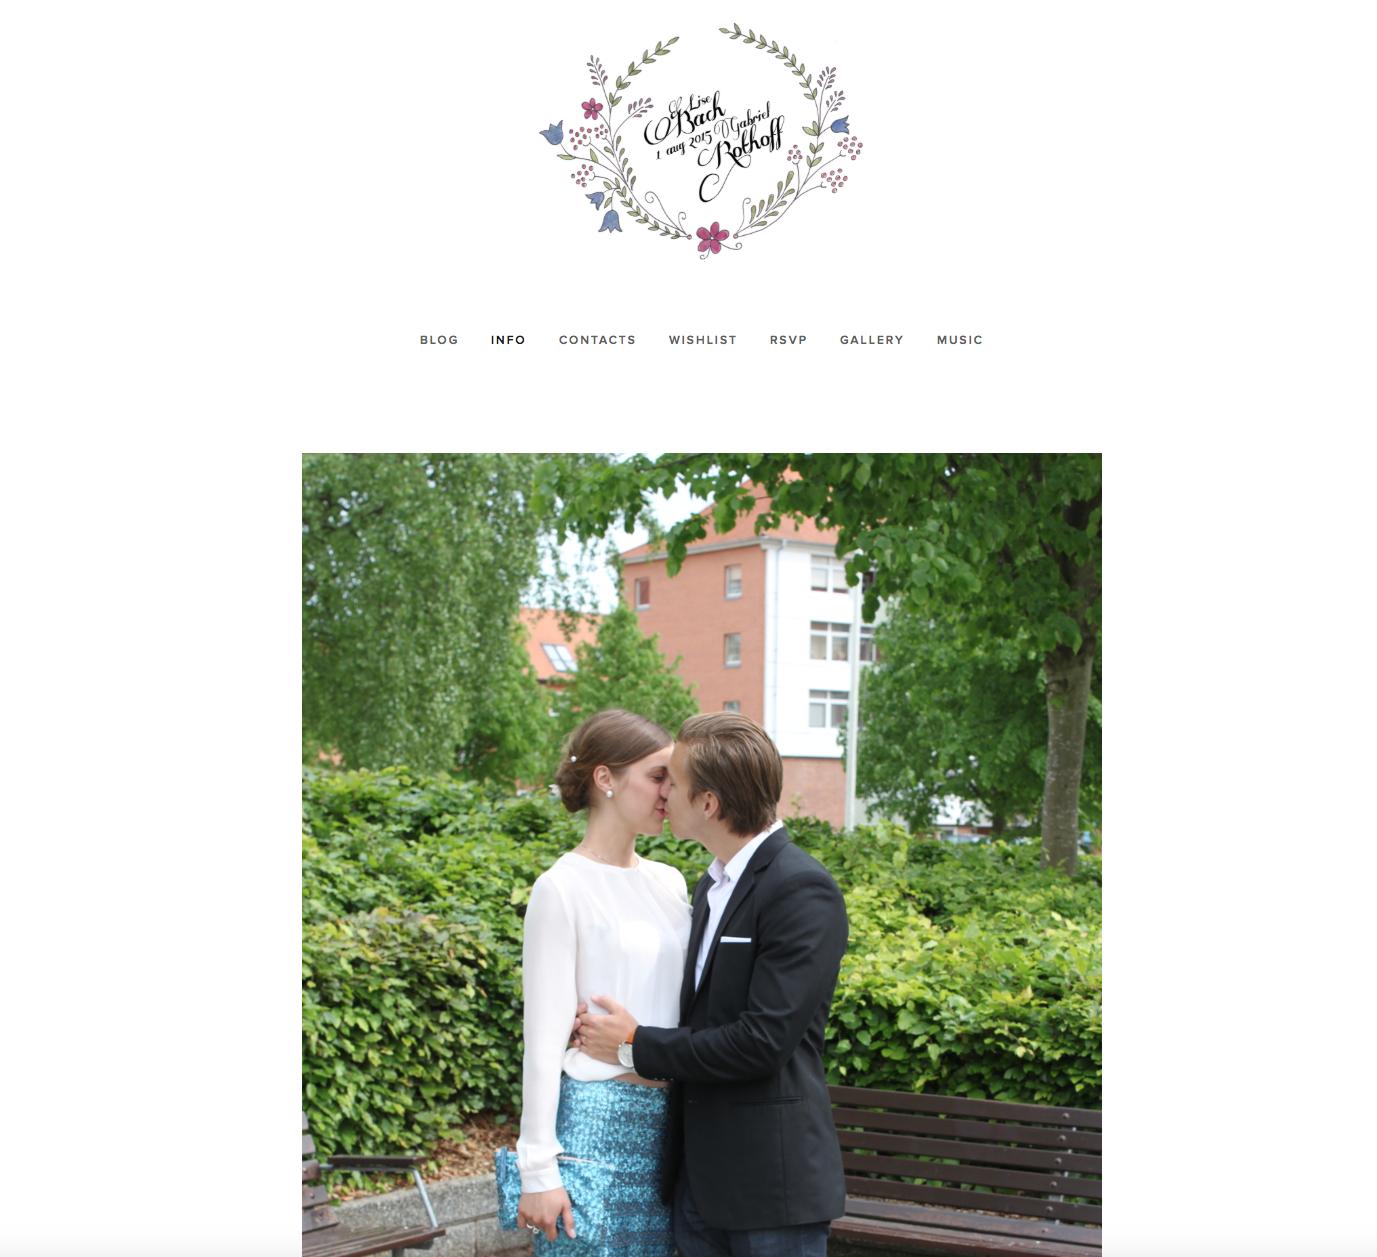 Bröllopsbloggen.